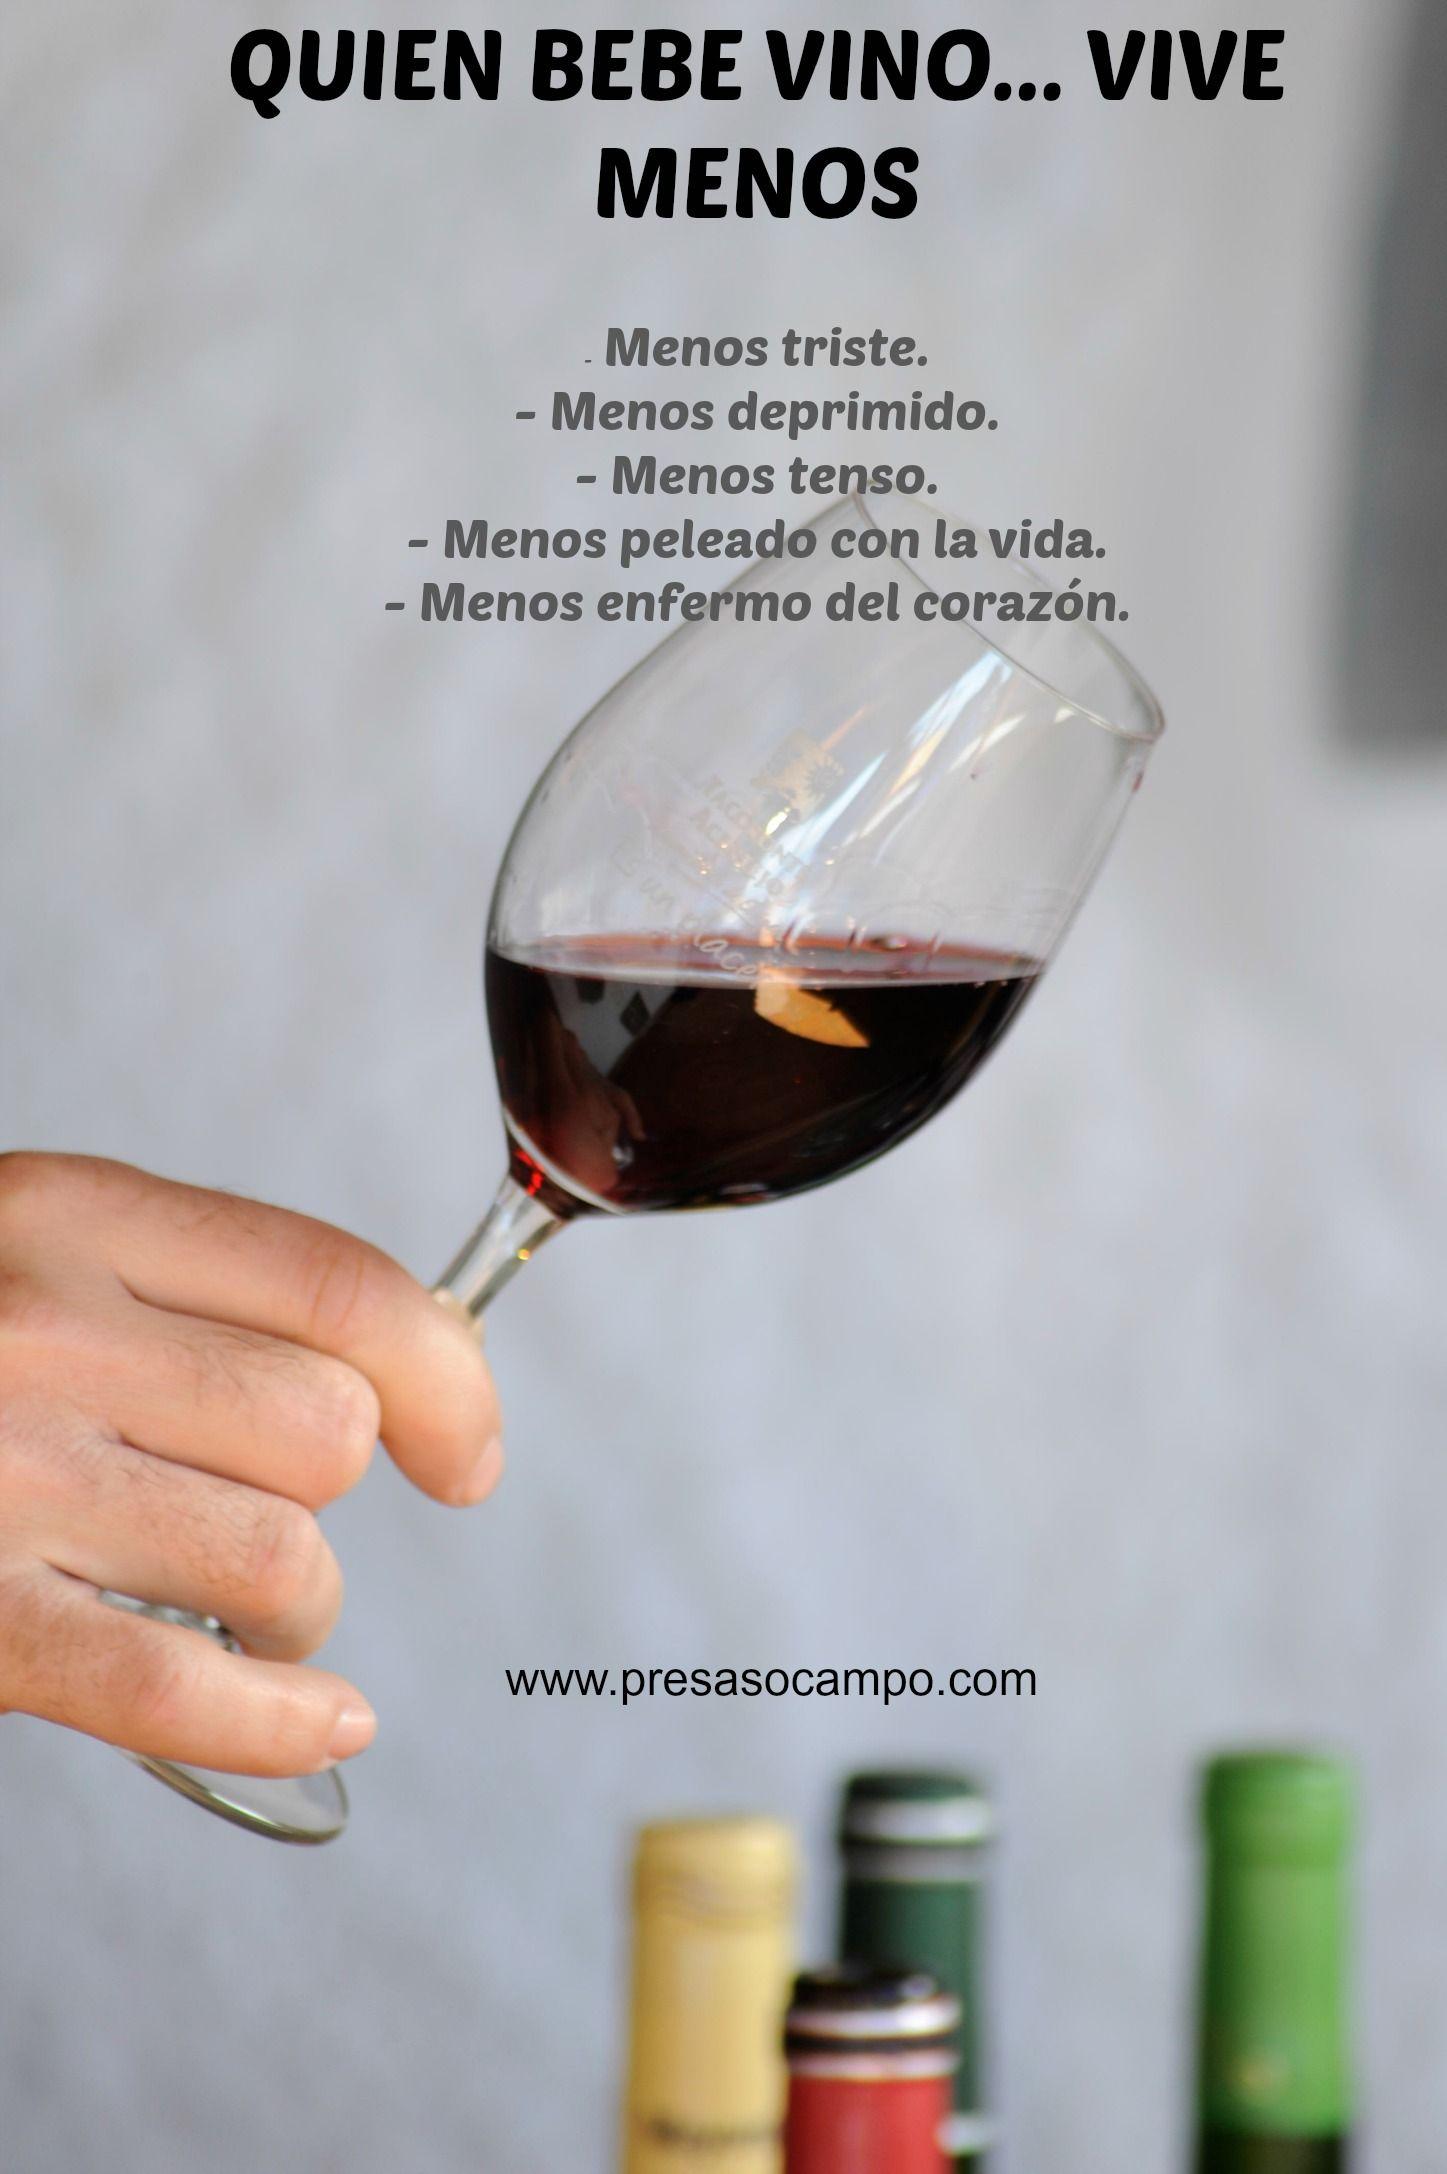 Frases De Vino Vinosdetenerife Vinos Frases Beber Vino Y